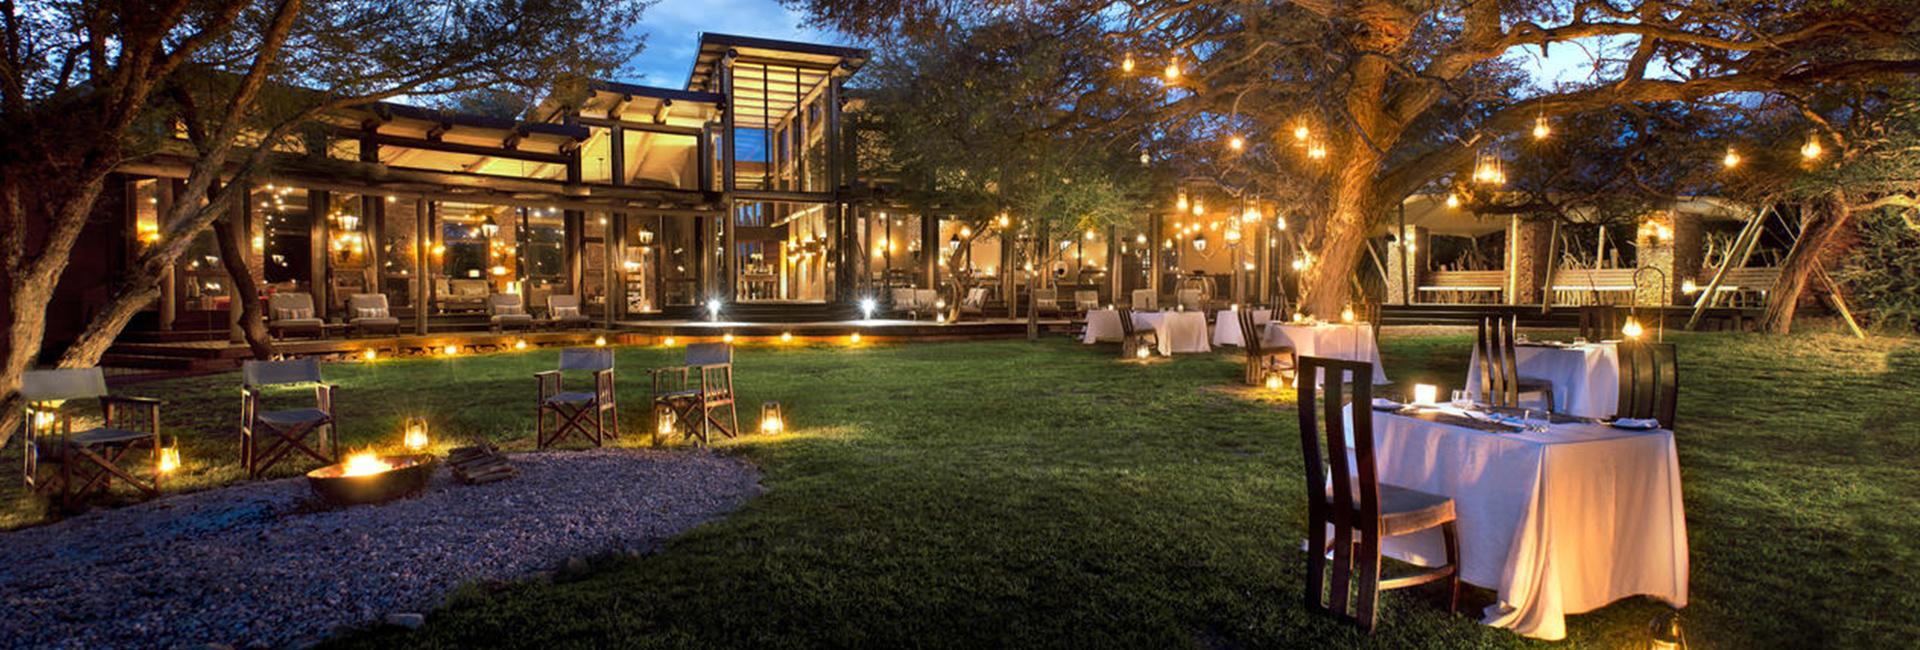 Marataba-Safari-Lodge-Dining-Area